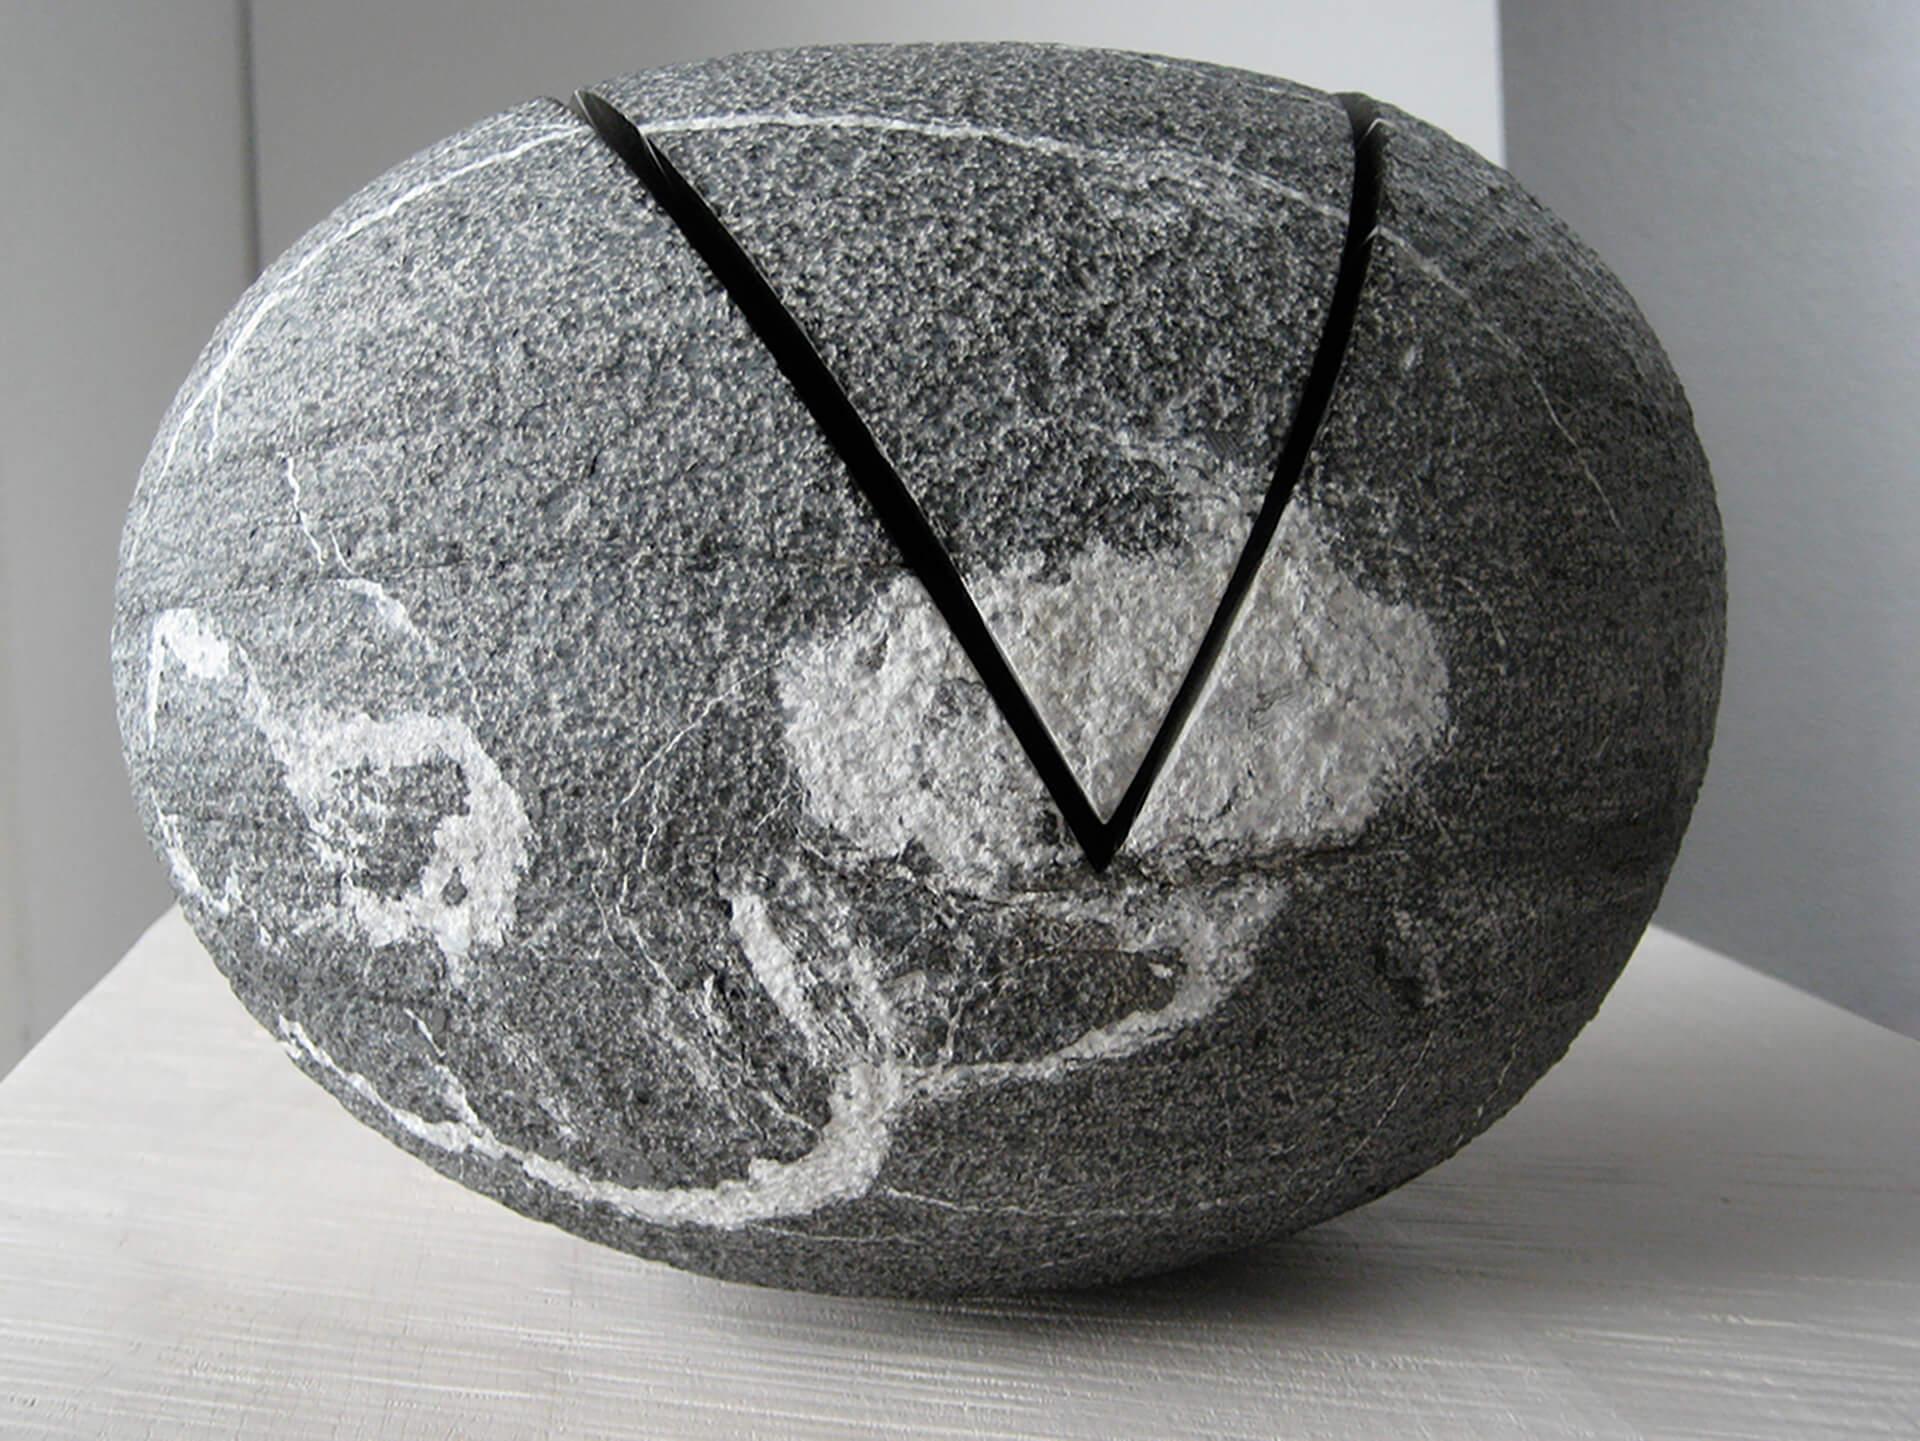 """Die Skulptur """"Ein- und Ausschnitt"""" als geschlossenes Objekt zusammengelegt."""